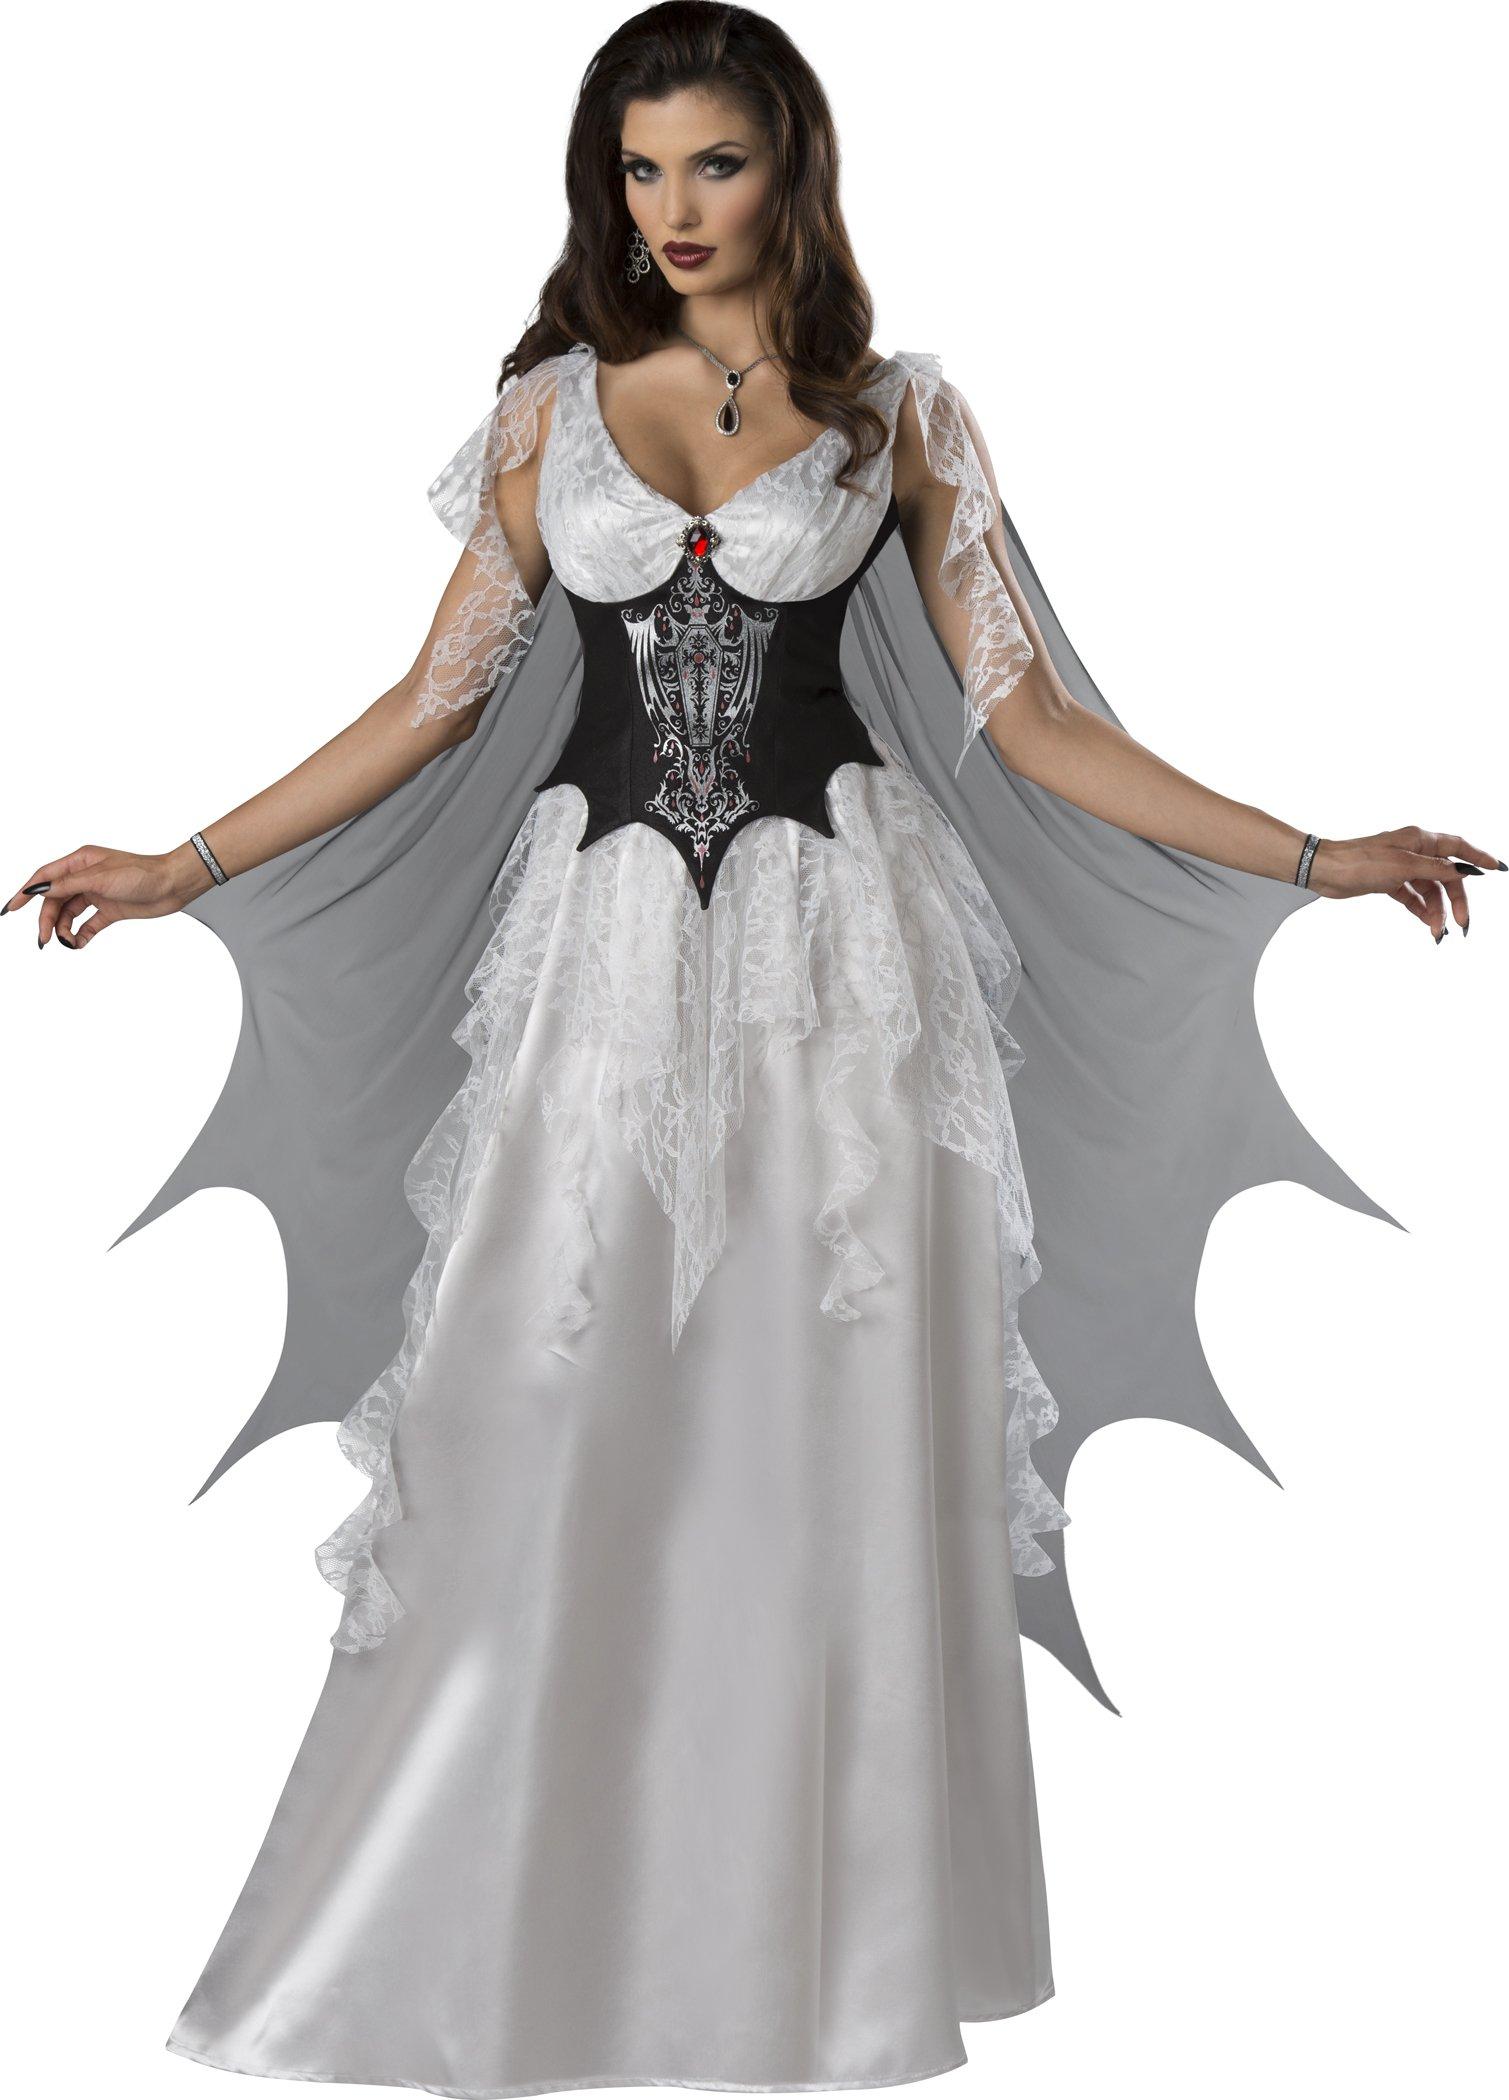 Fun World Women's Vampire Countess, Black/White, M